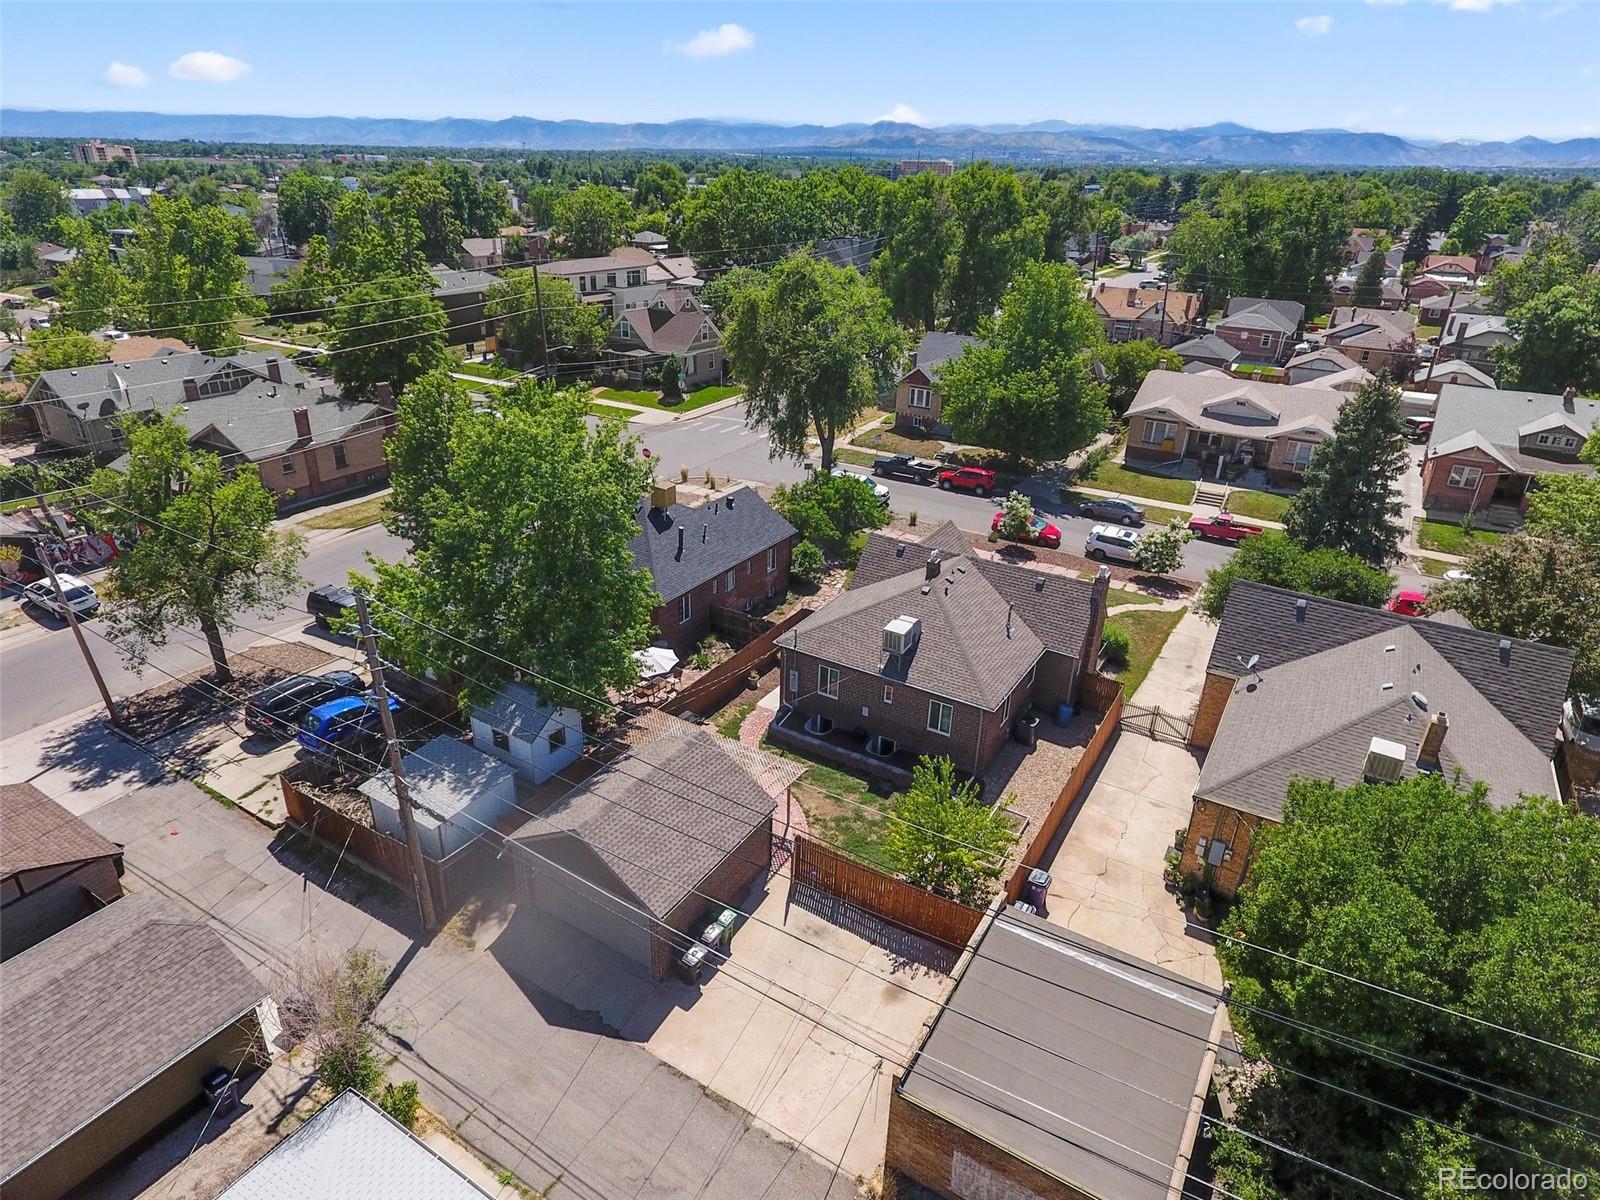 MLS# 4638572 - 35 - 1410 N Raleigh Street, Denver, CO 80204